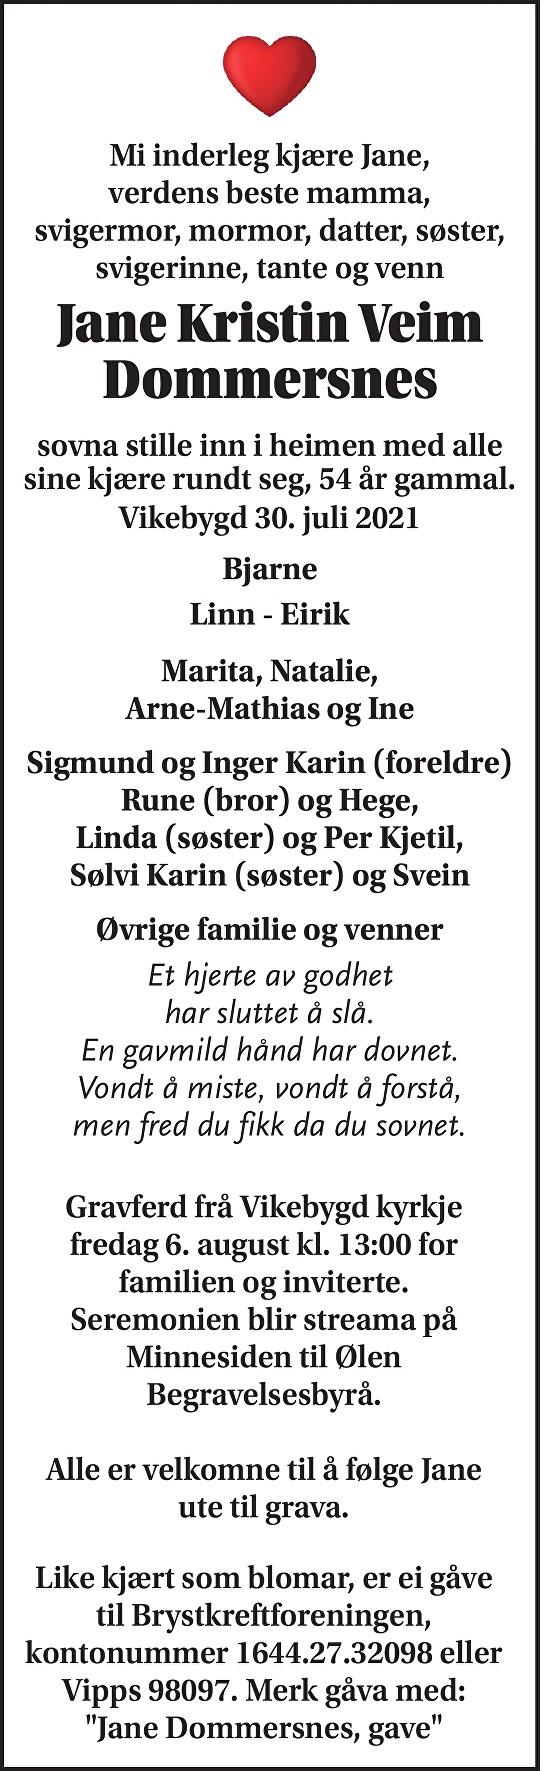 Jane Kristin Veim Dommersnes Dødsannonse